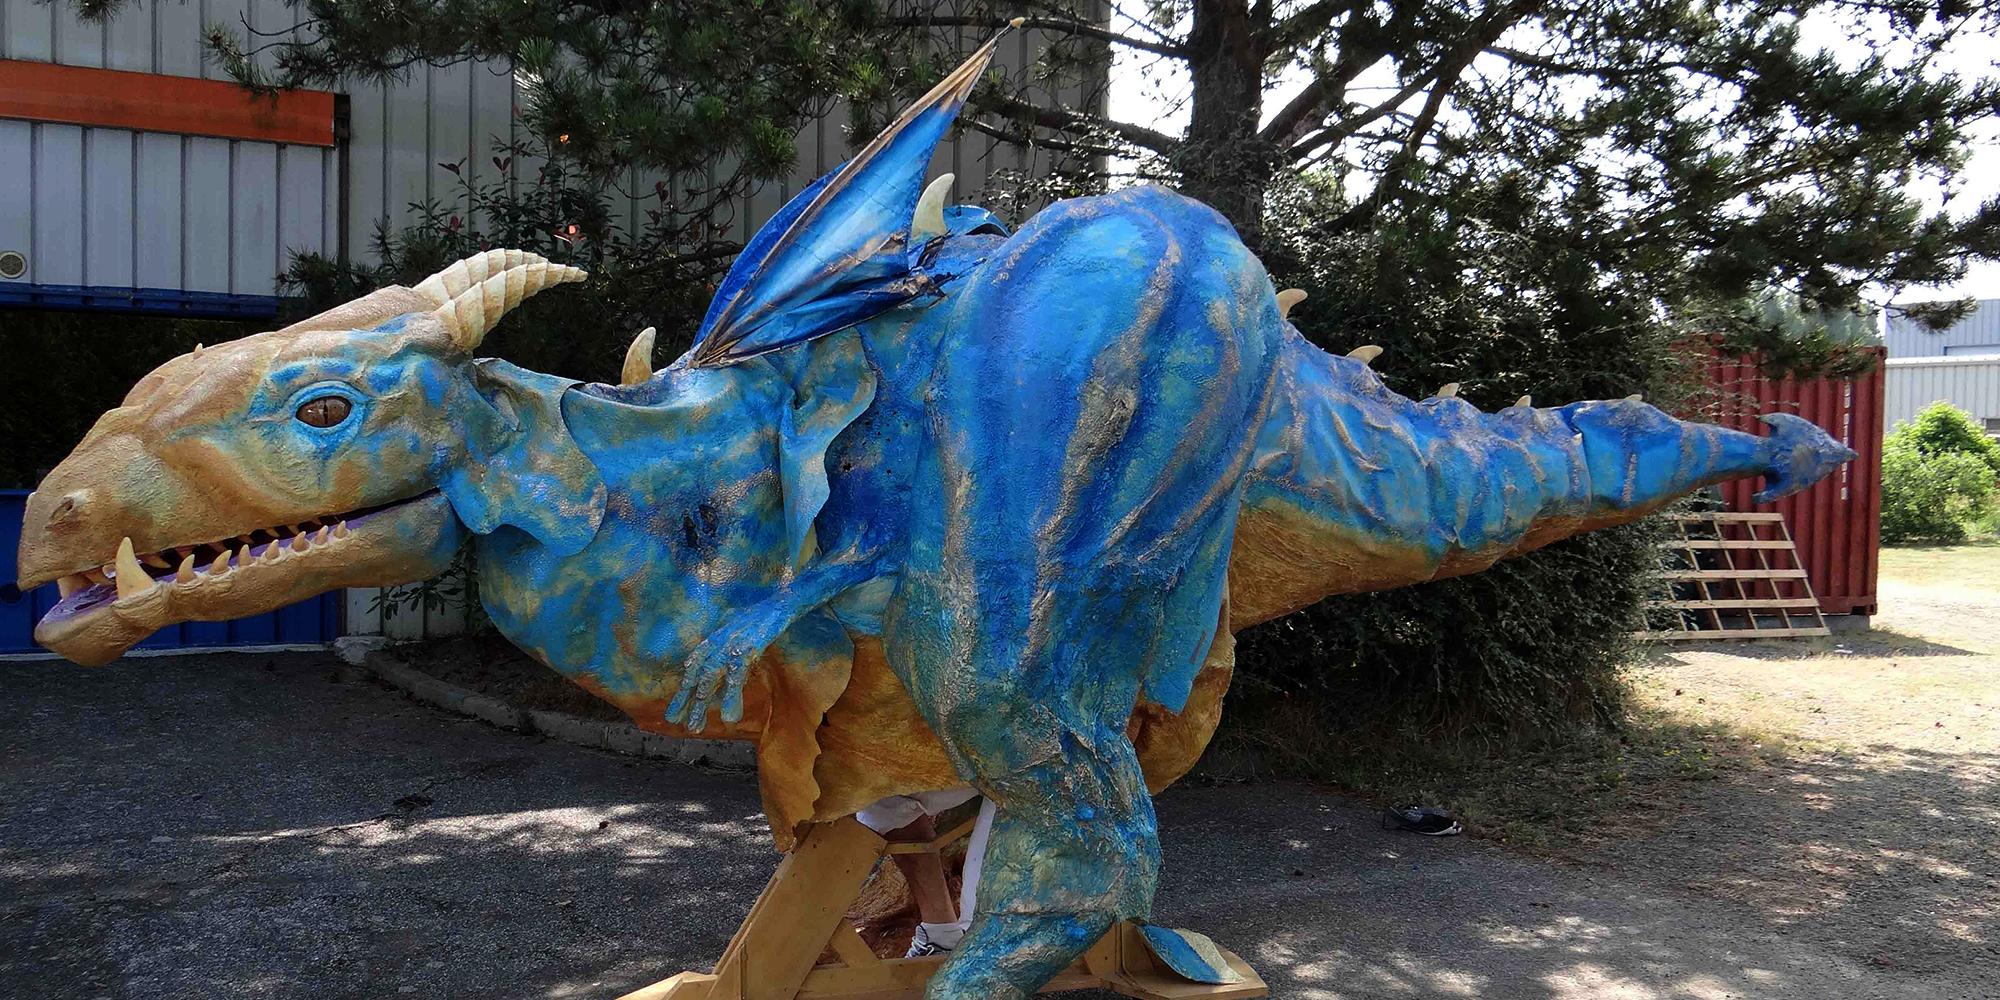 sculpture de dragon géant d'inspiration féerique - fantastique